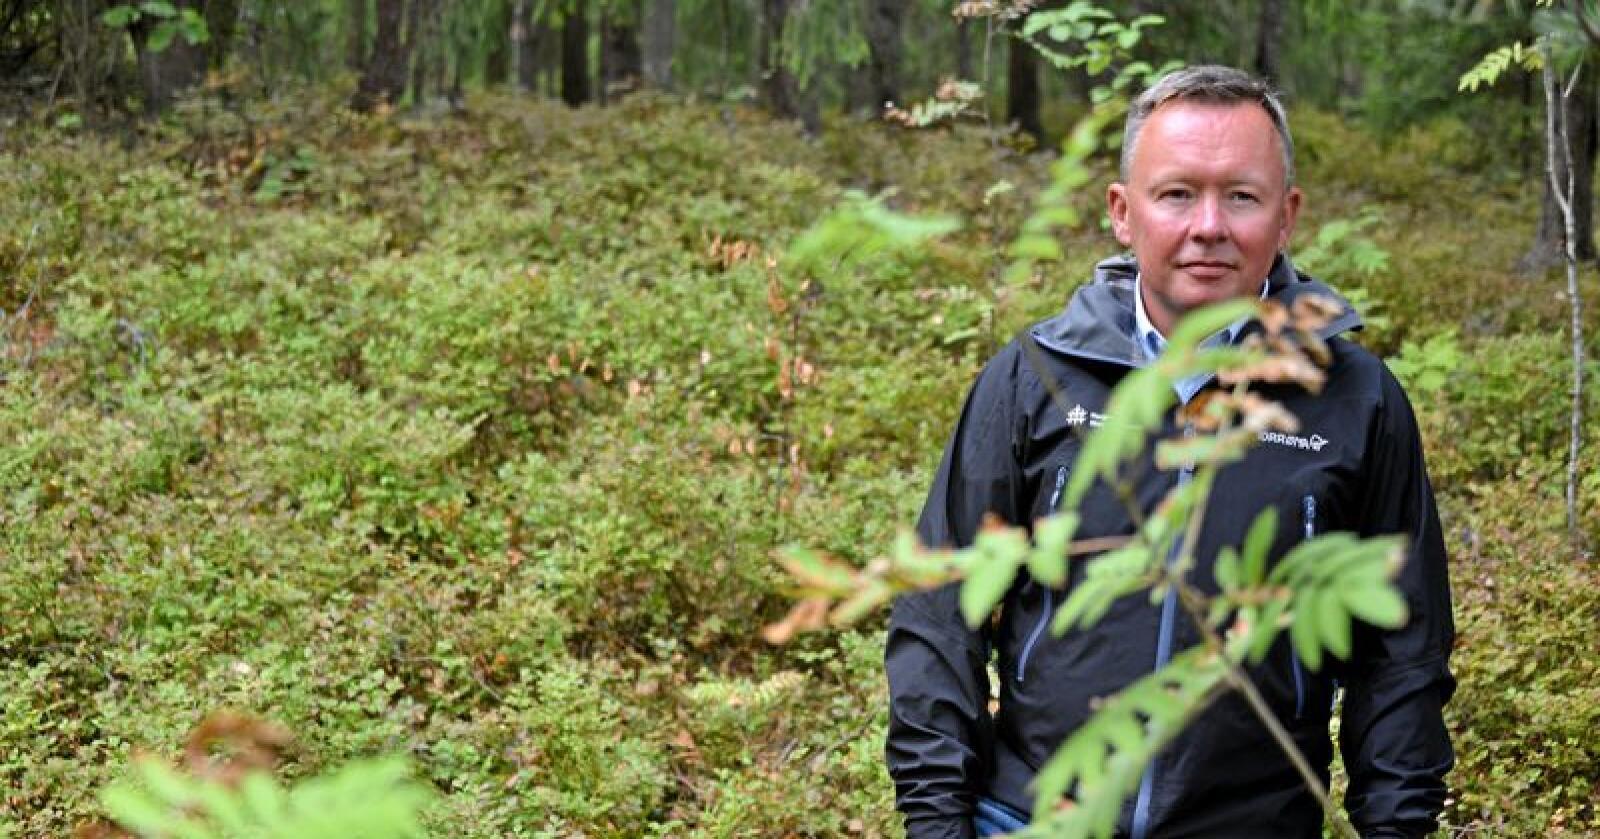 Olav Veum er styrelder i AT Skog. Han forteller at et stort flertall av medlemmene i både AT Skog og Vestskog er positivt innstilt til en sammenslåing av de to samvirkene. Foto: Tone C. S. Thorgrimsen